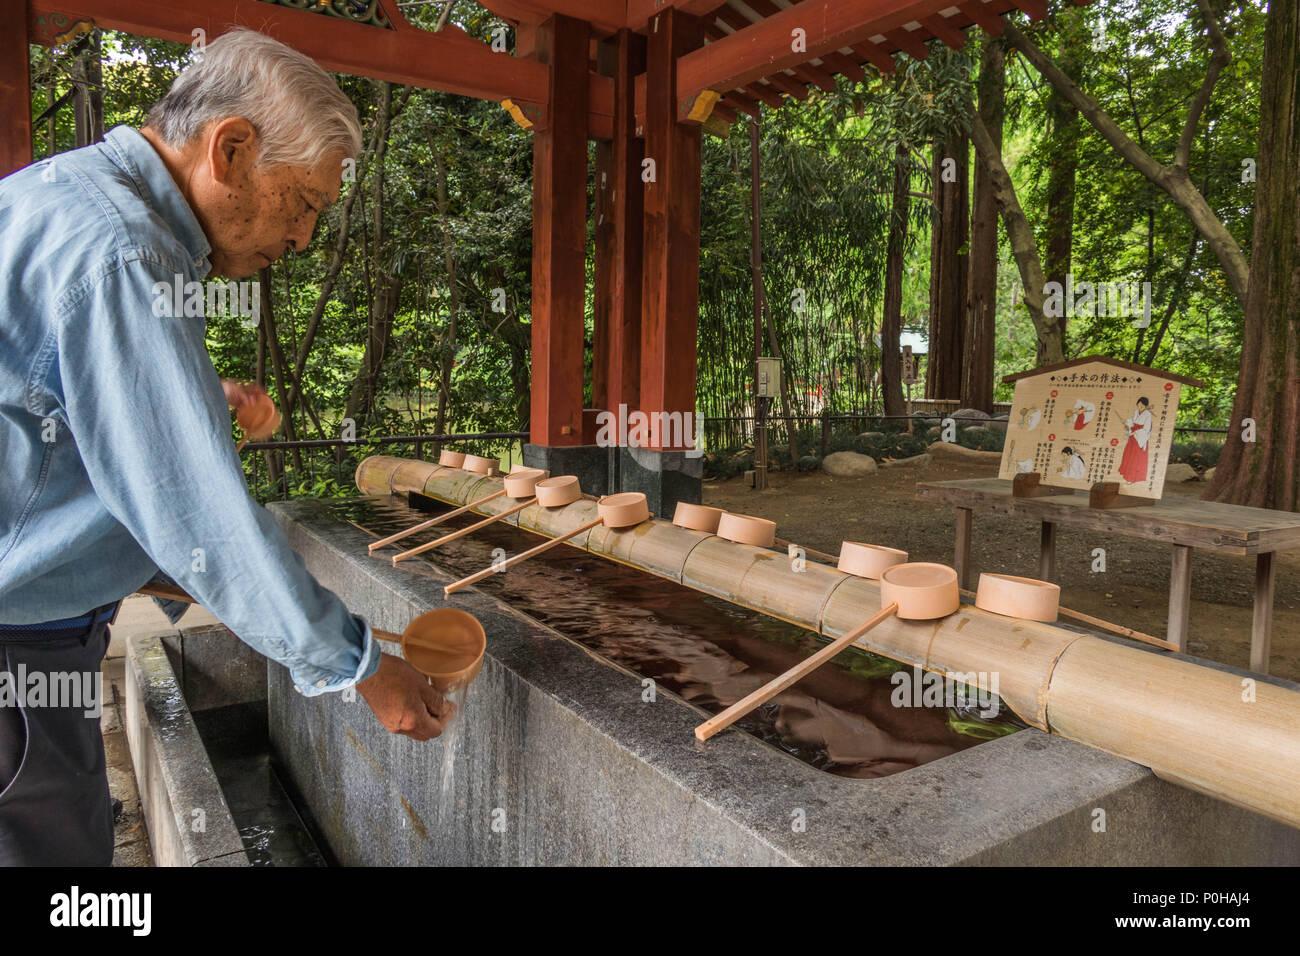 Vor der Eingabe eines Shinto Schrein Besucher selbst mit Wasser an der temizuya reinigen. Ein Mann wäscht seine Hände mit Bambus Pendelarm, Hikawa Jinja Schrein Stockfoto